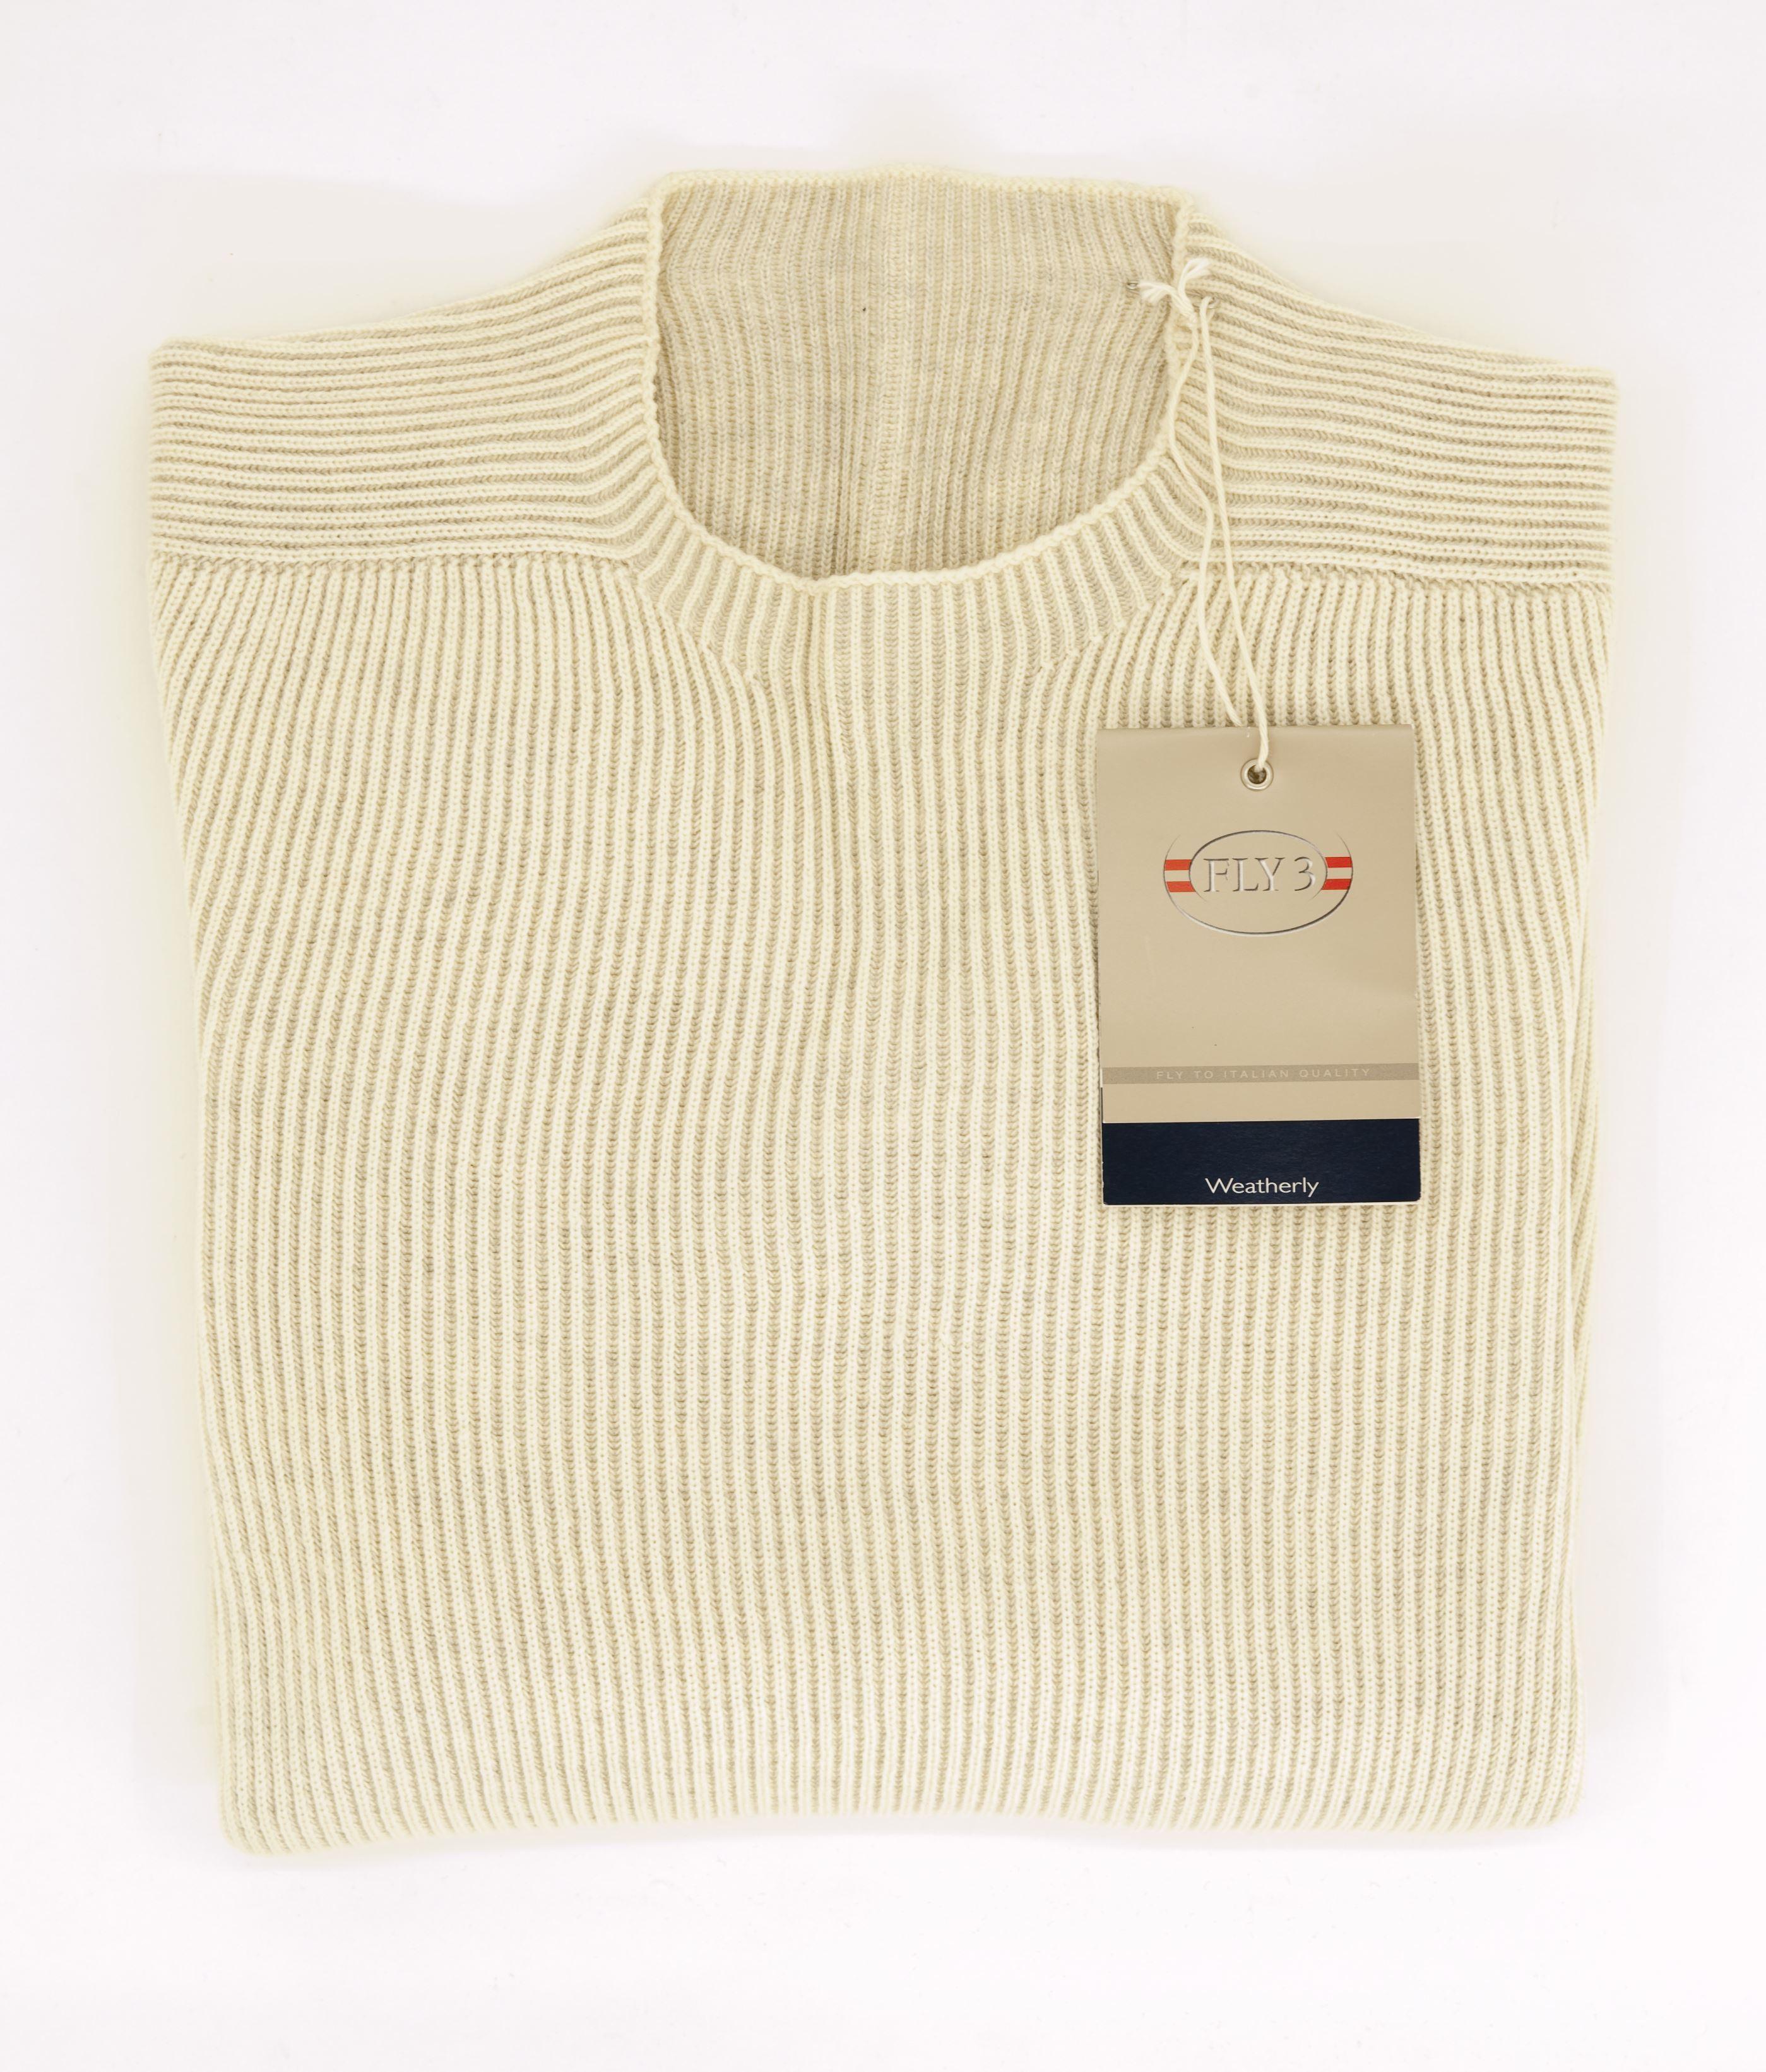 Immagine di Fly3 Girocollo reversibile maglia inglese